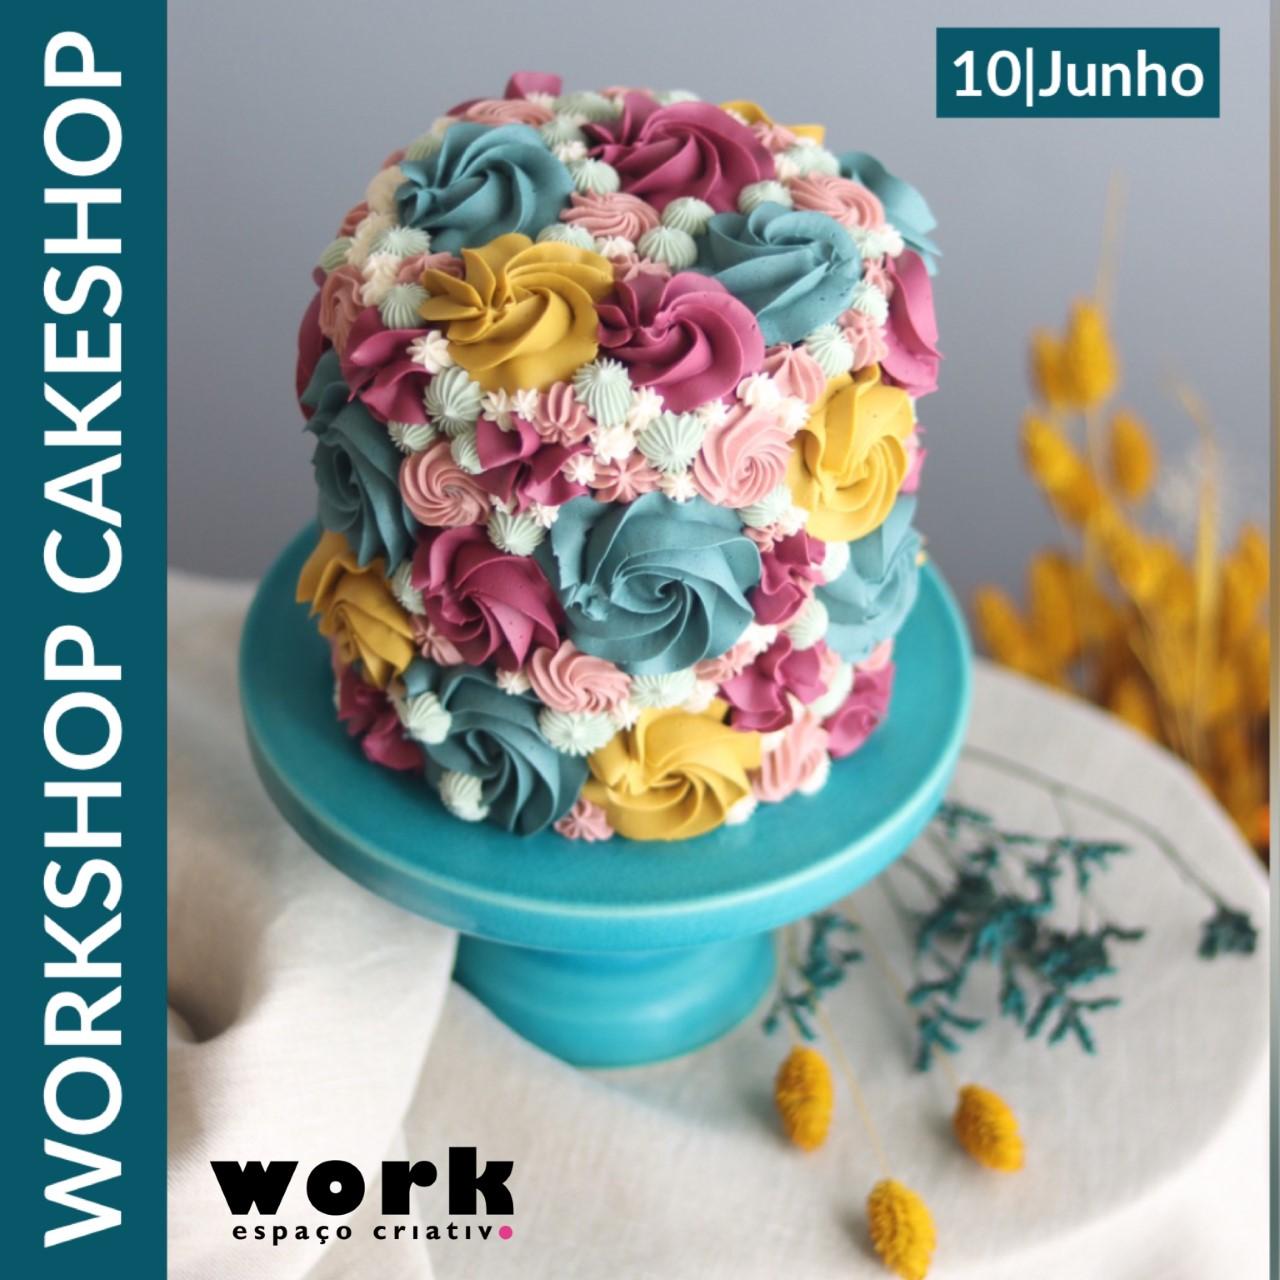 Workshop de Iniciação ao Cake Design em Buttercream